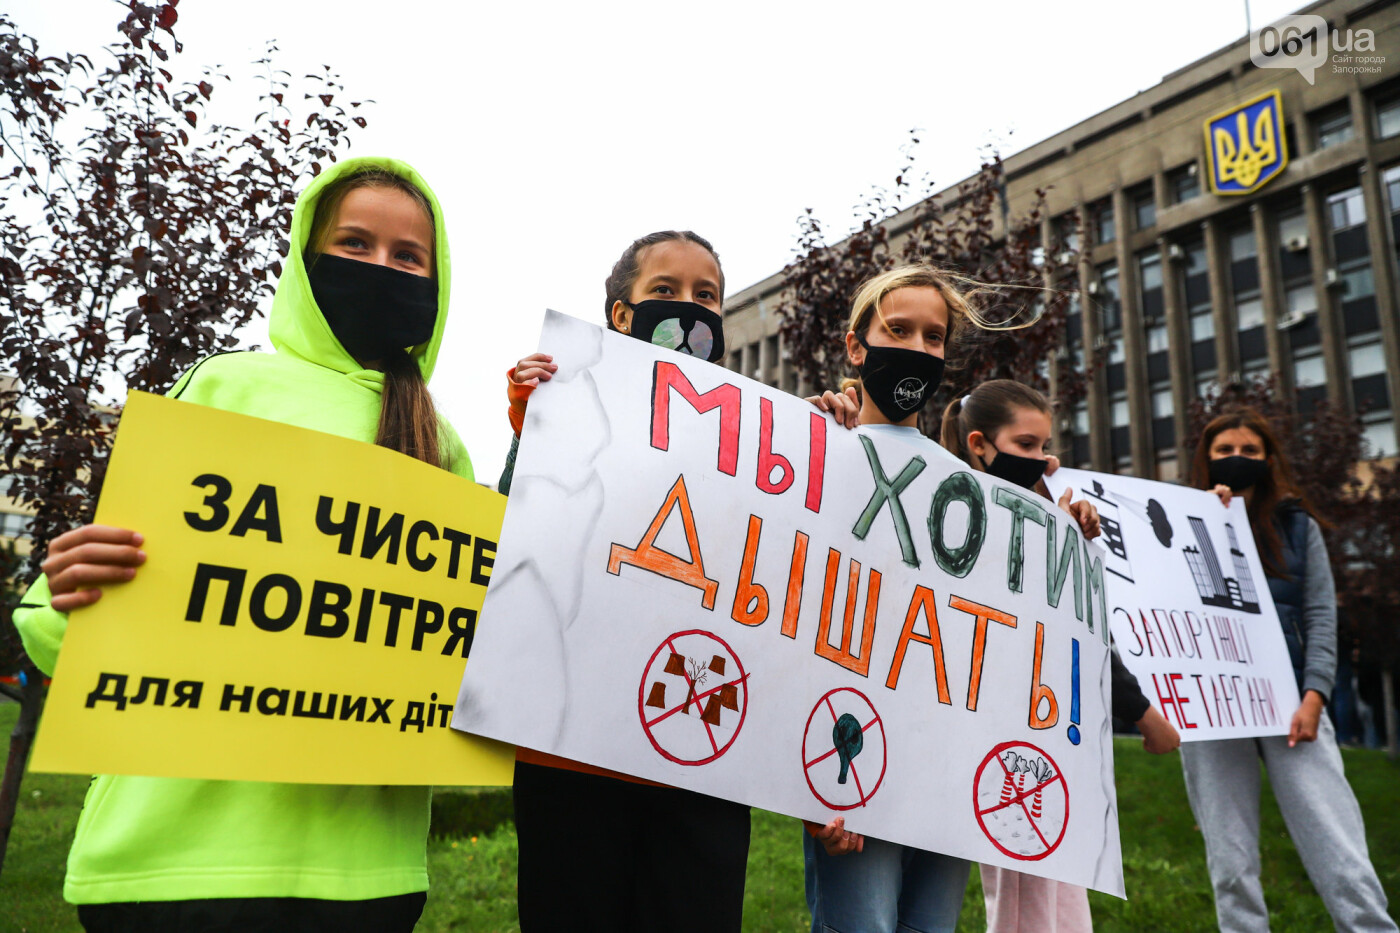 Маю право дихати: тысячи запорожцев вышли на экологический митинг, ФОТО, ВИДЕО, фото-41